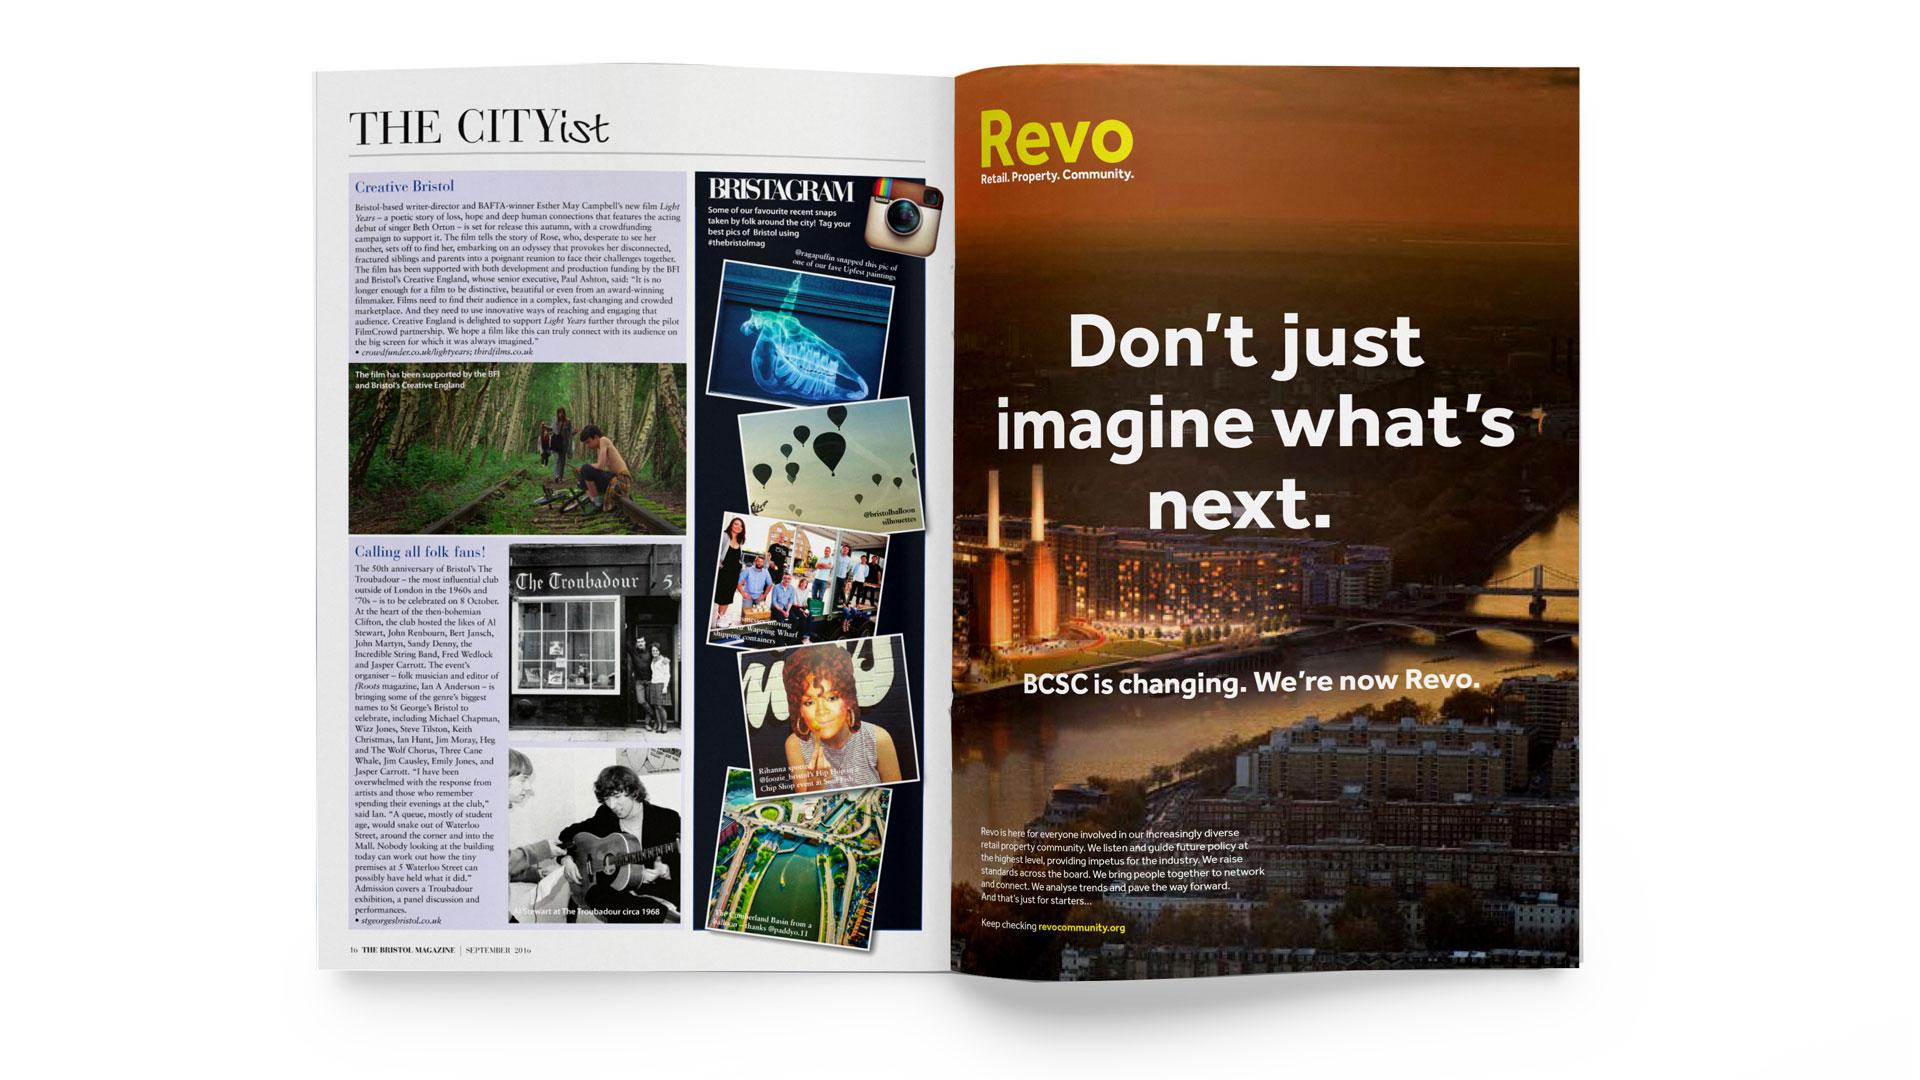 Plum Brands Revo Portfolio